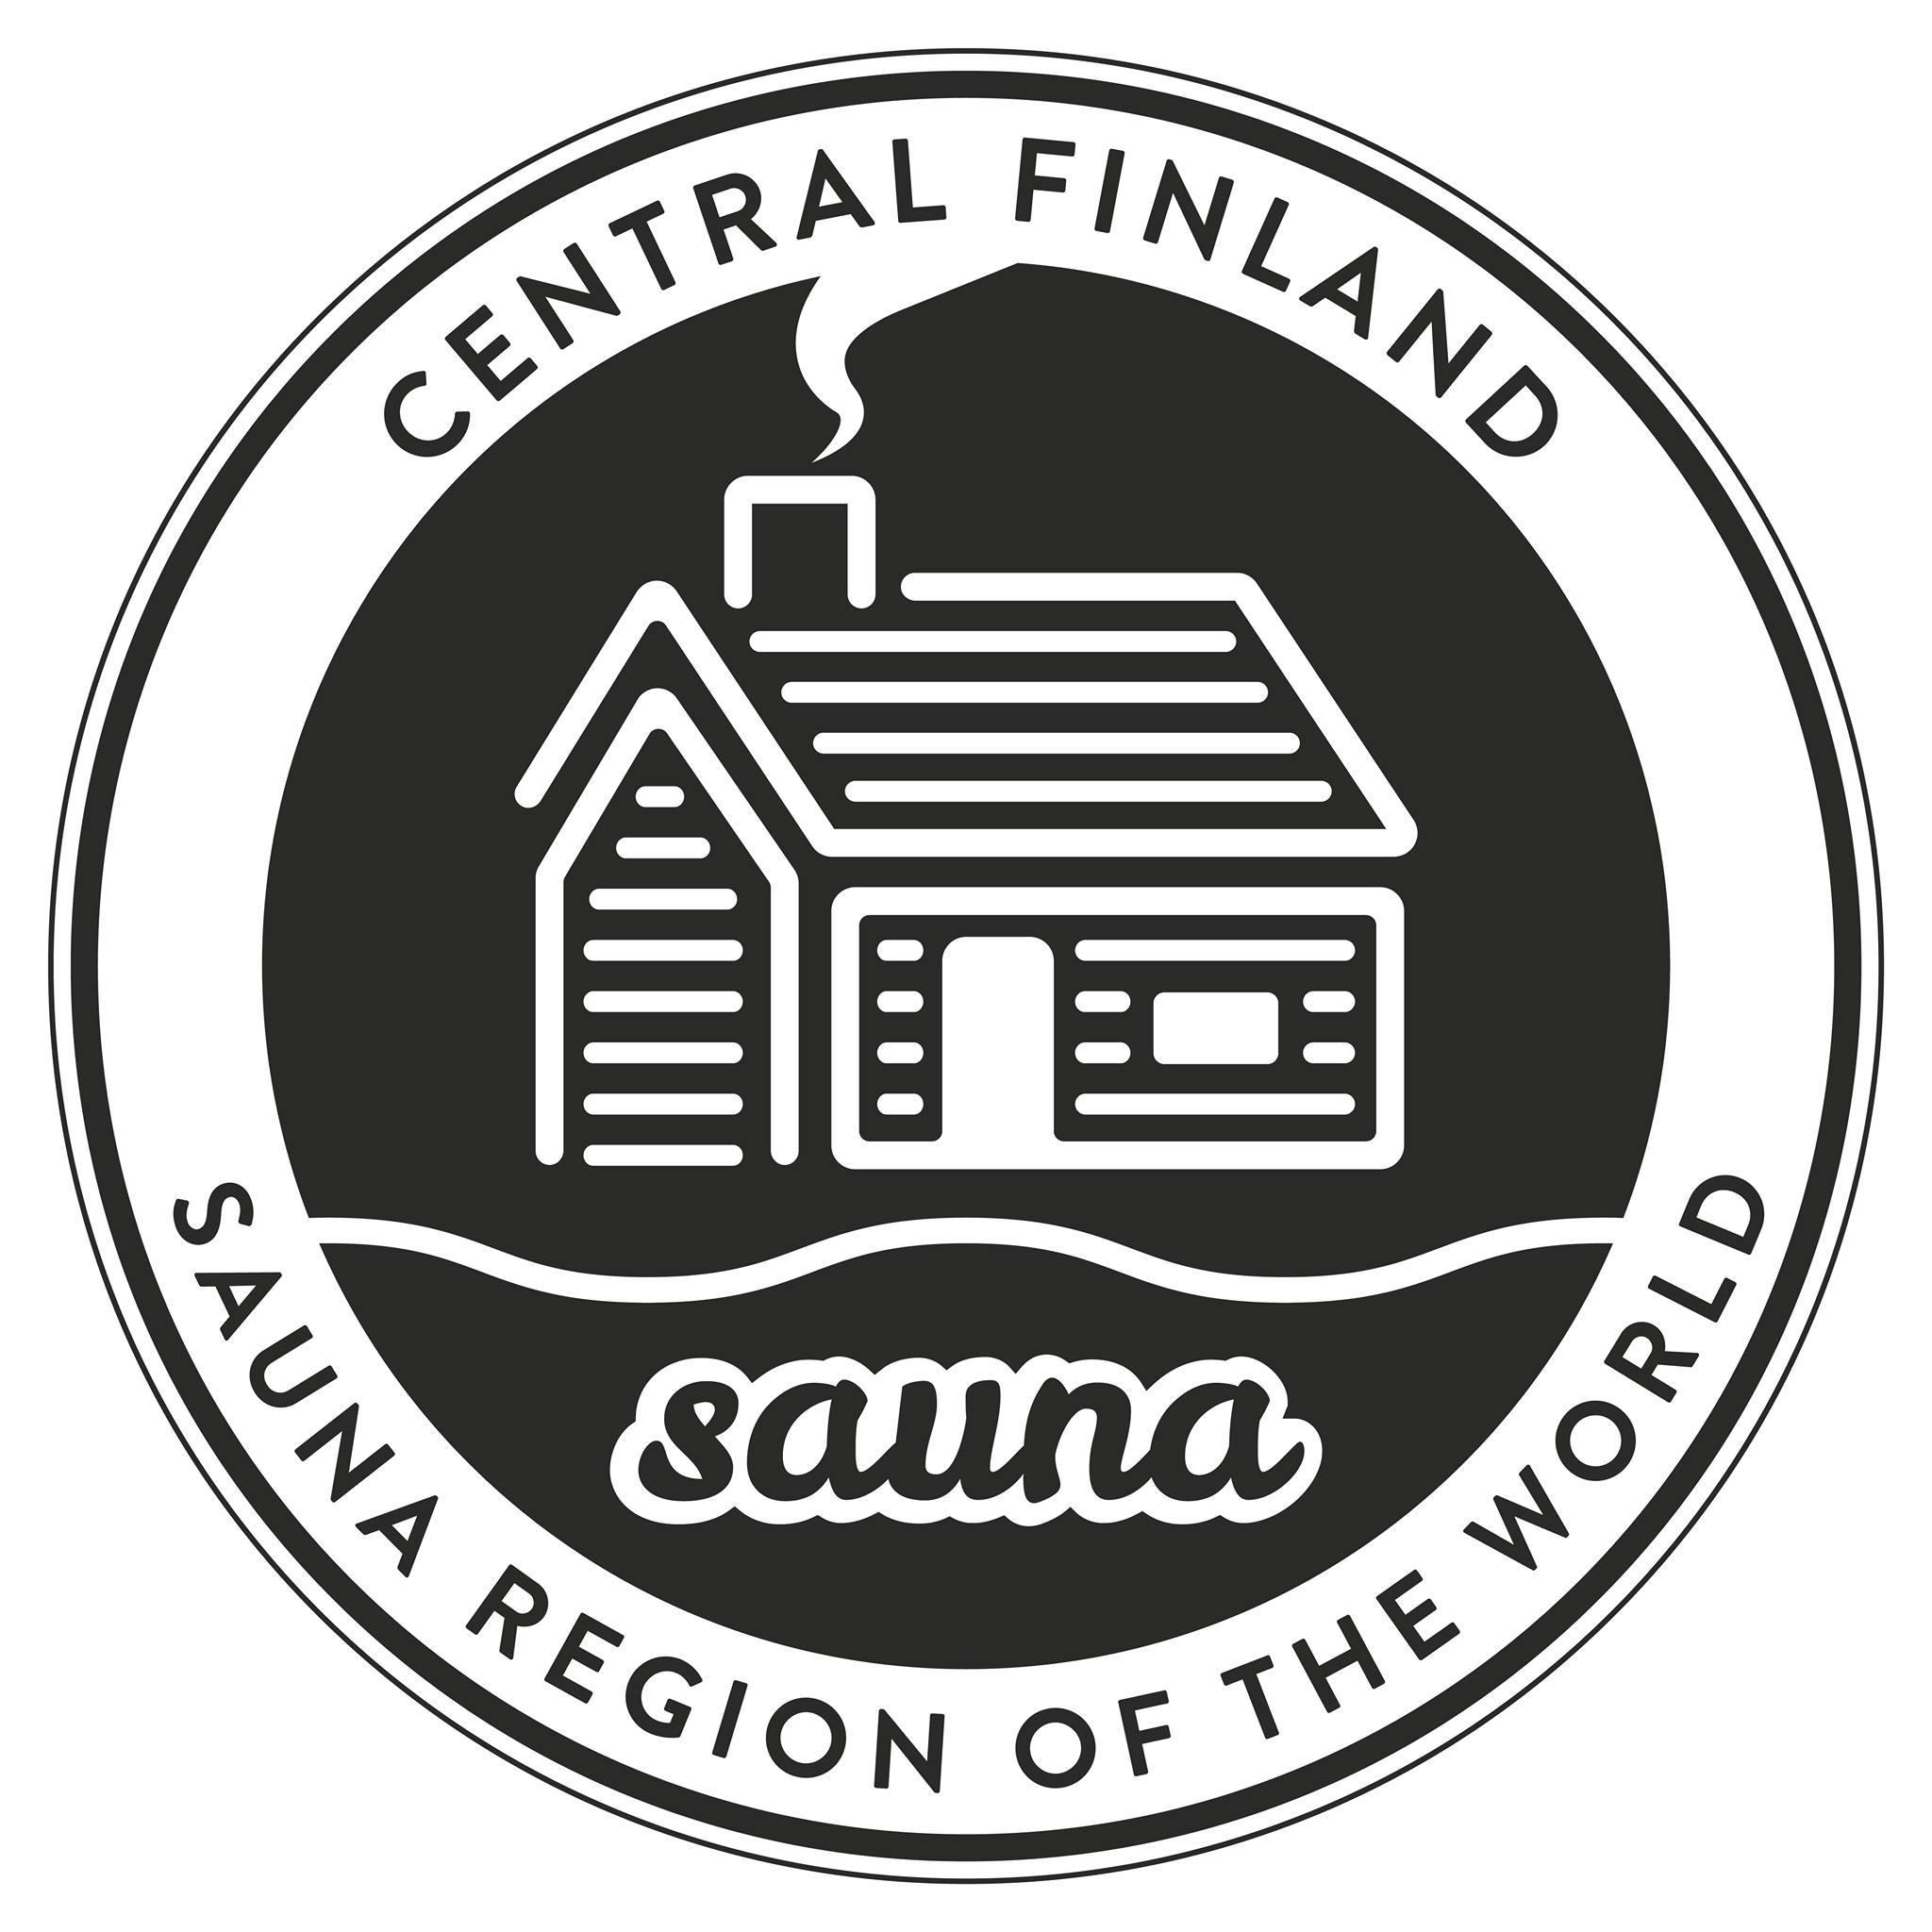 visit-central-finland-logo